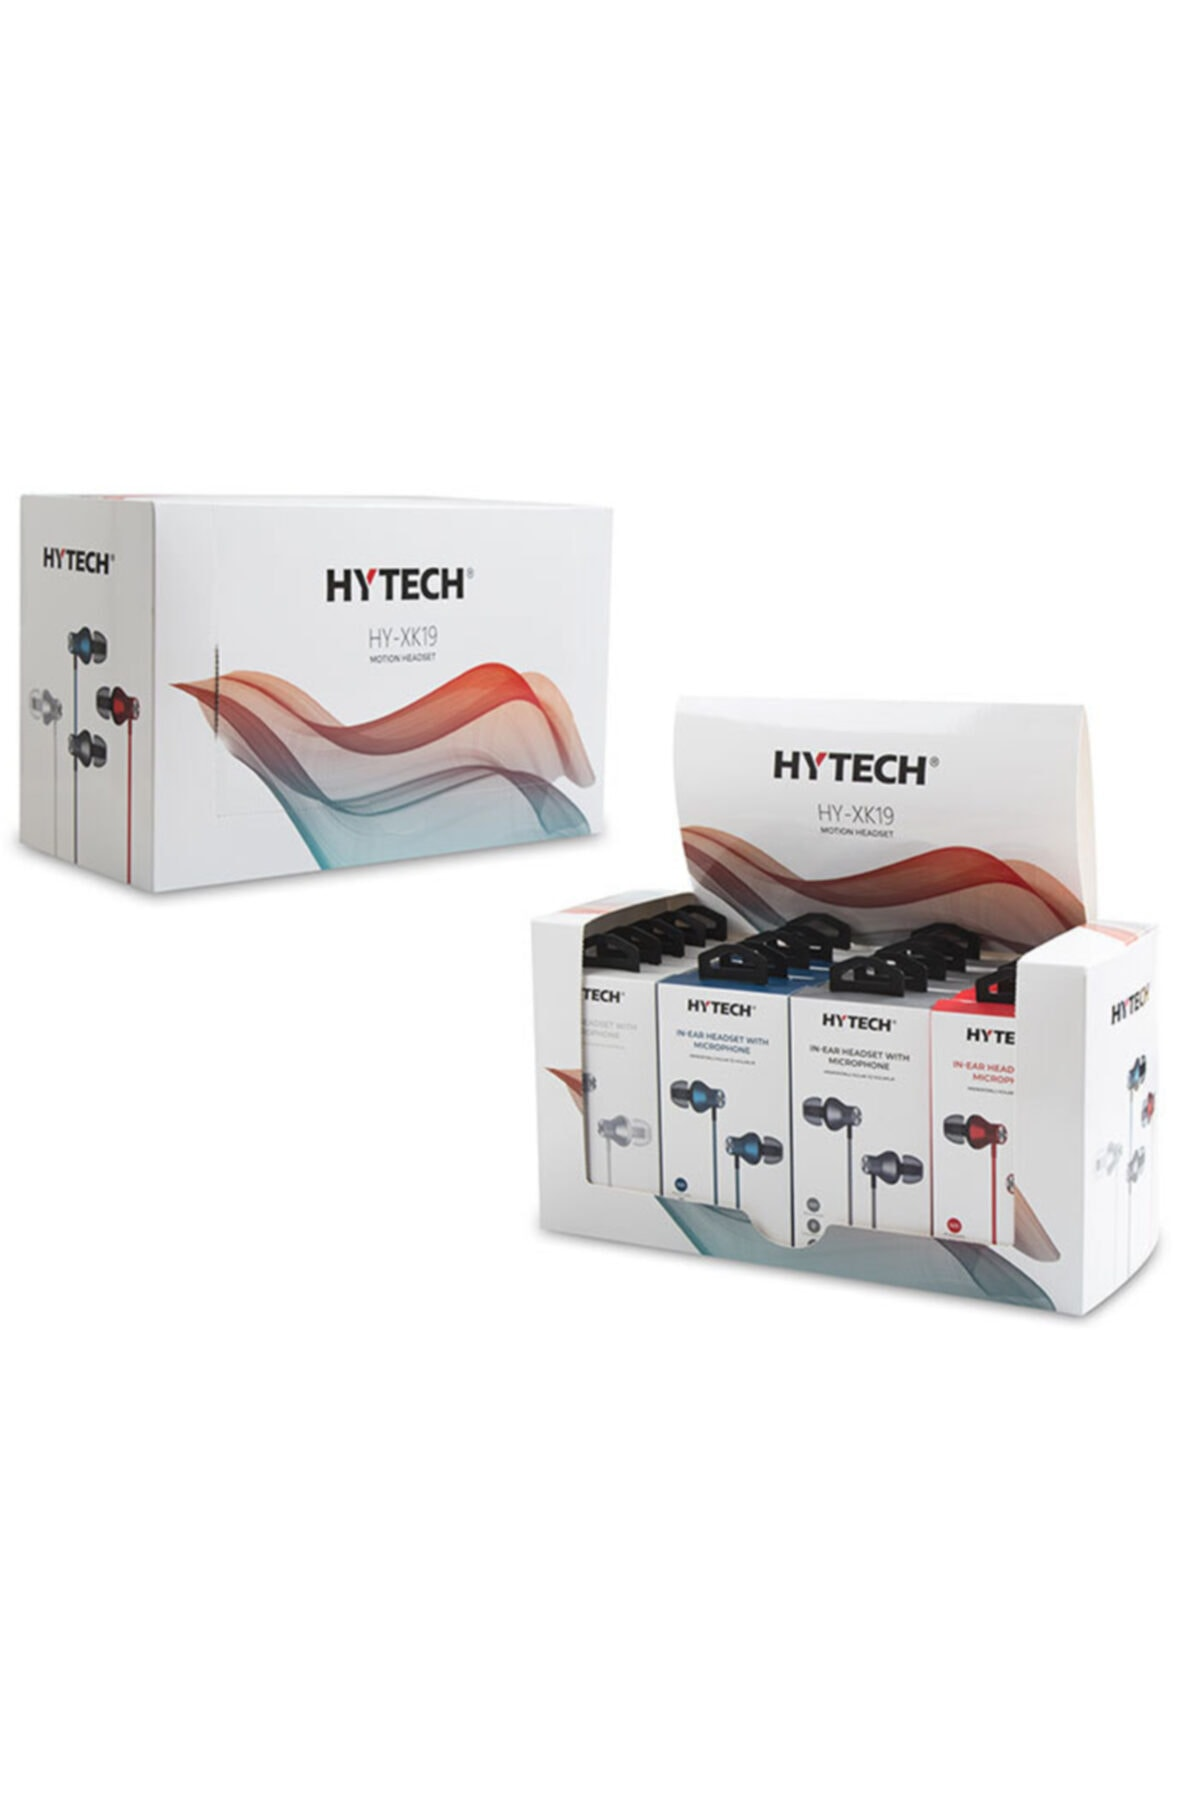 Hytech Hy-xk19 Kırmızı Mobil Uyumlu Kulak Içi Mikrofonlu Kulaklık 2